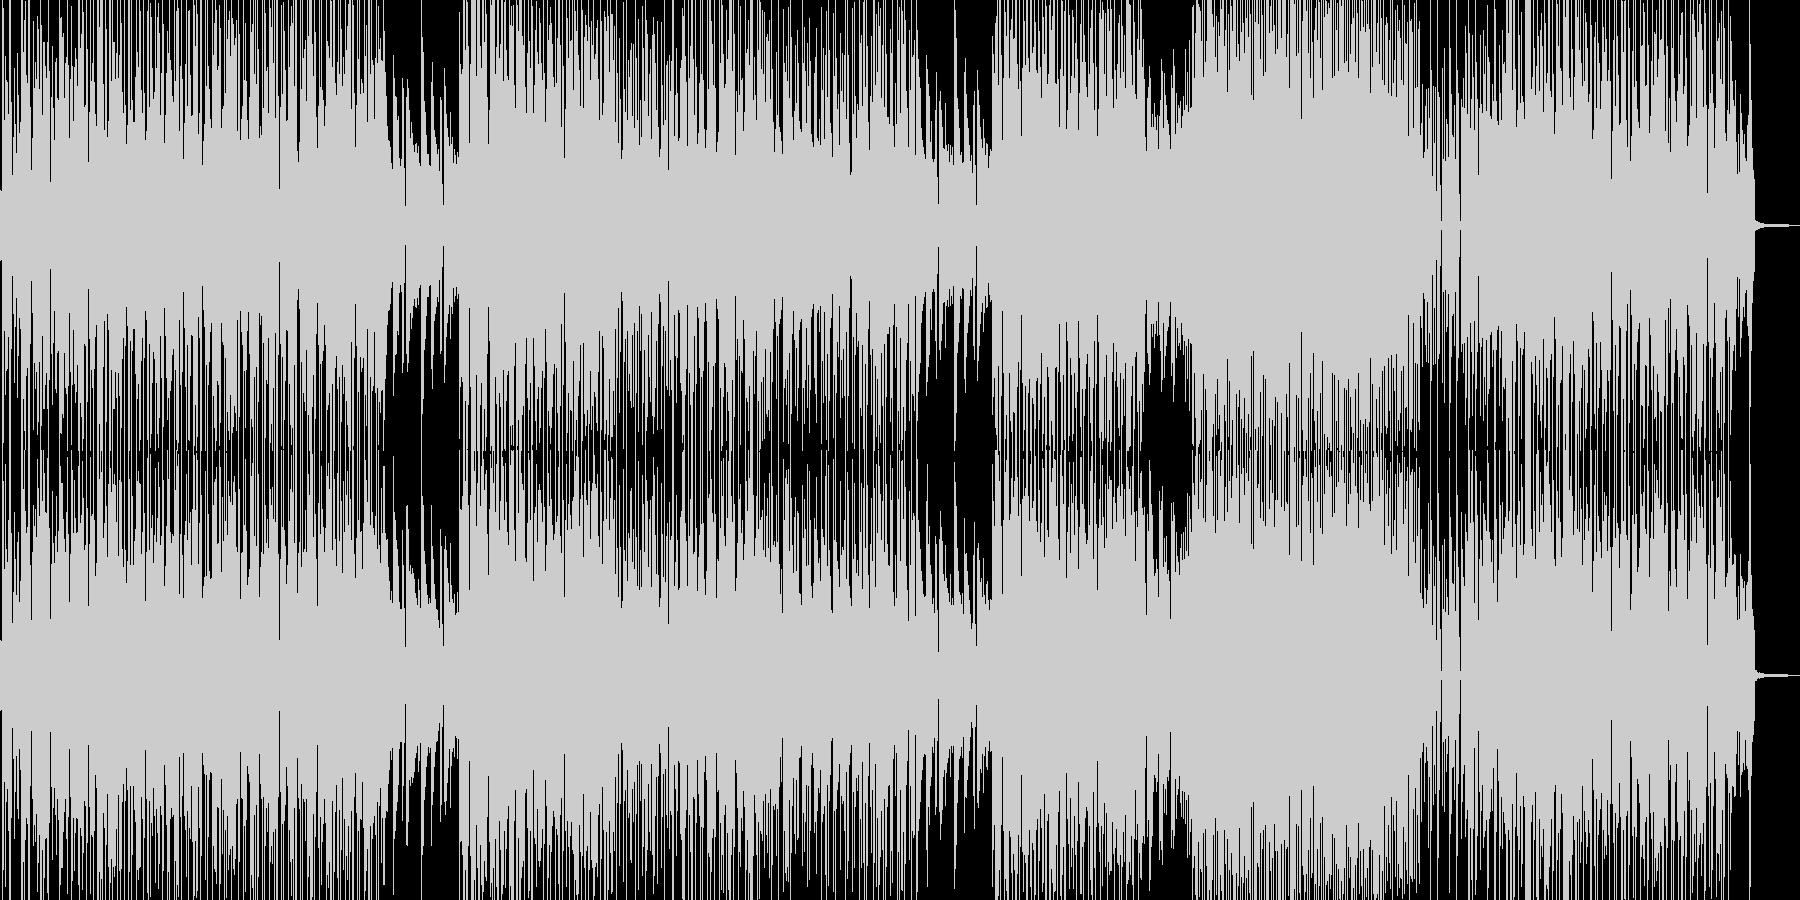 お笑い冒険活劇・打楽器の三味線ファンクの未再生の波形